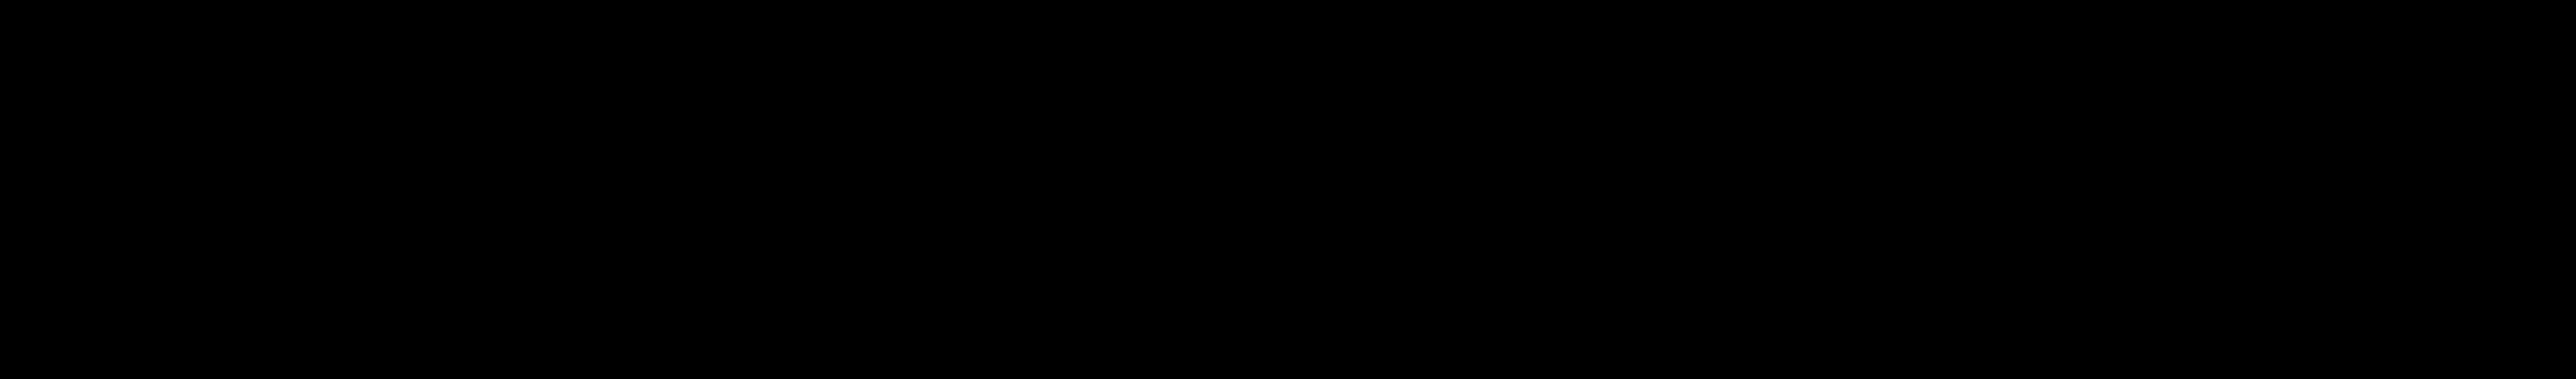 morgan stanley logo - Morgan Stanley Logo